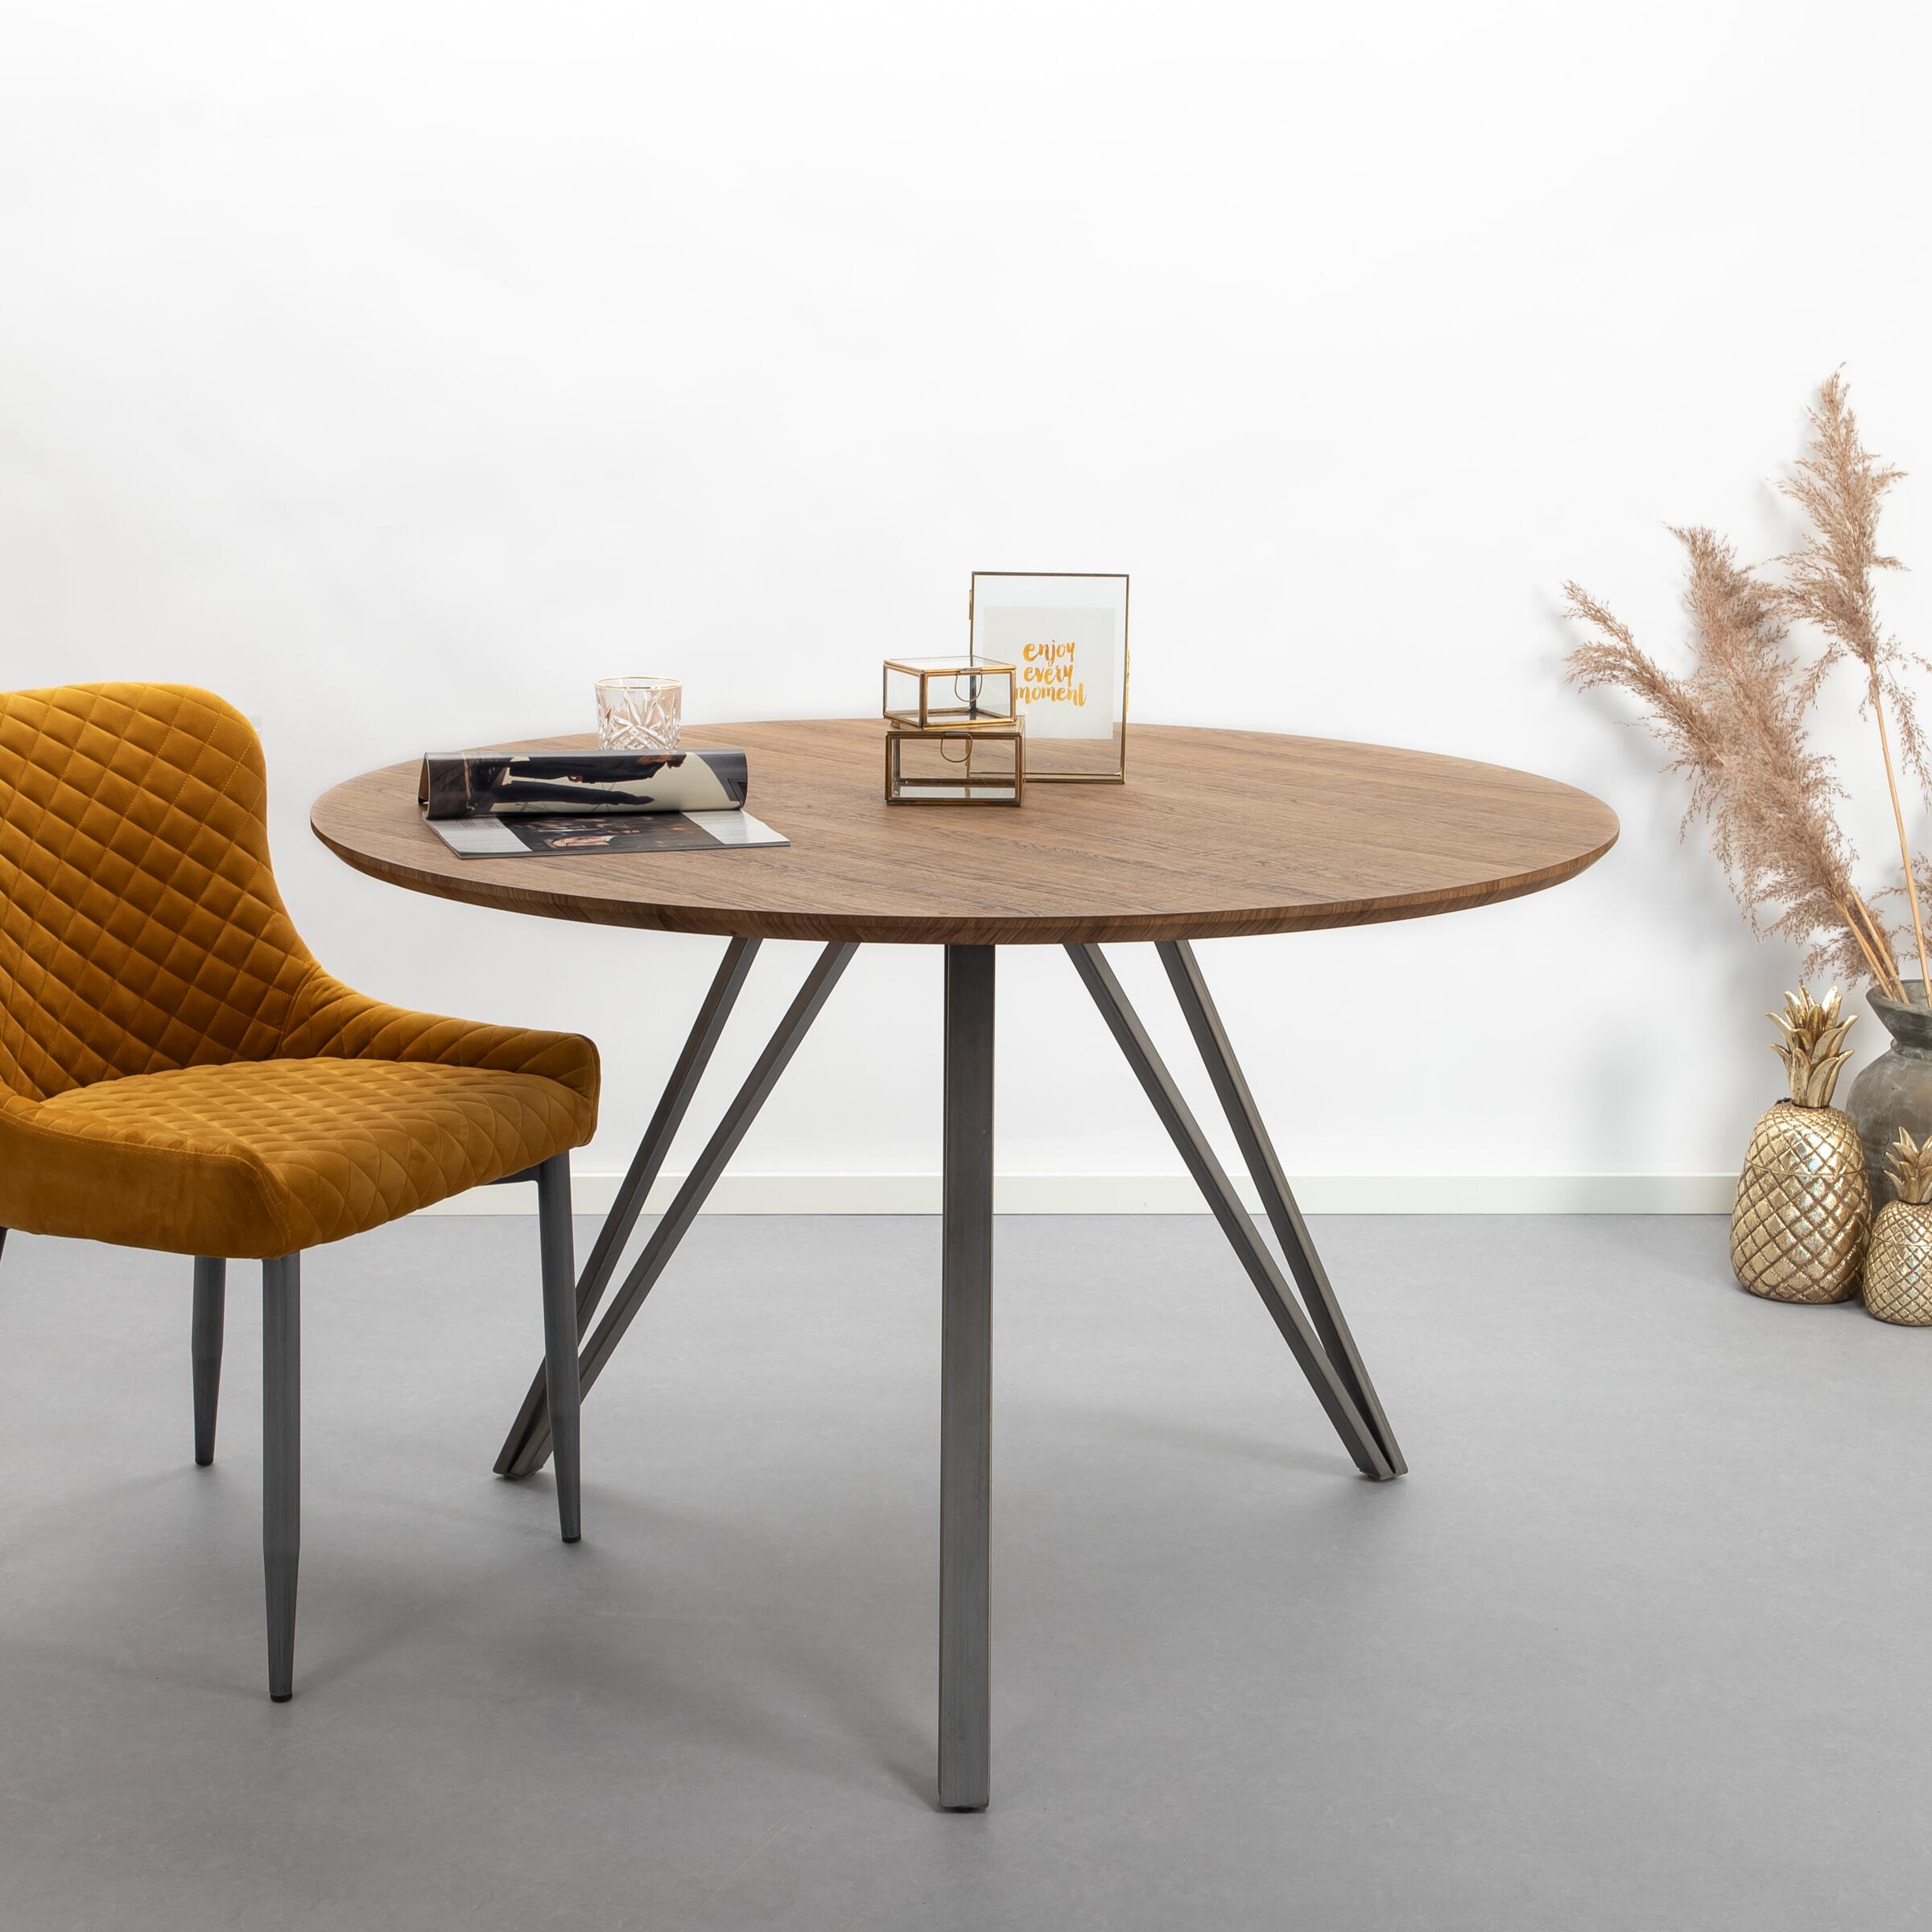 Industri?le Ronde Eettafel 'Judy' 120cm, 3D-eikenlook brownwash Tafels   Eettafels vergelijken doe je het voordeligst hier bij Meubelpartner